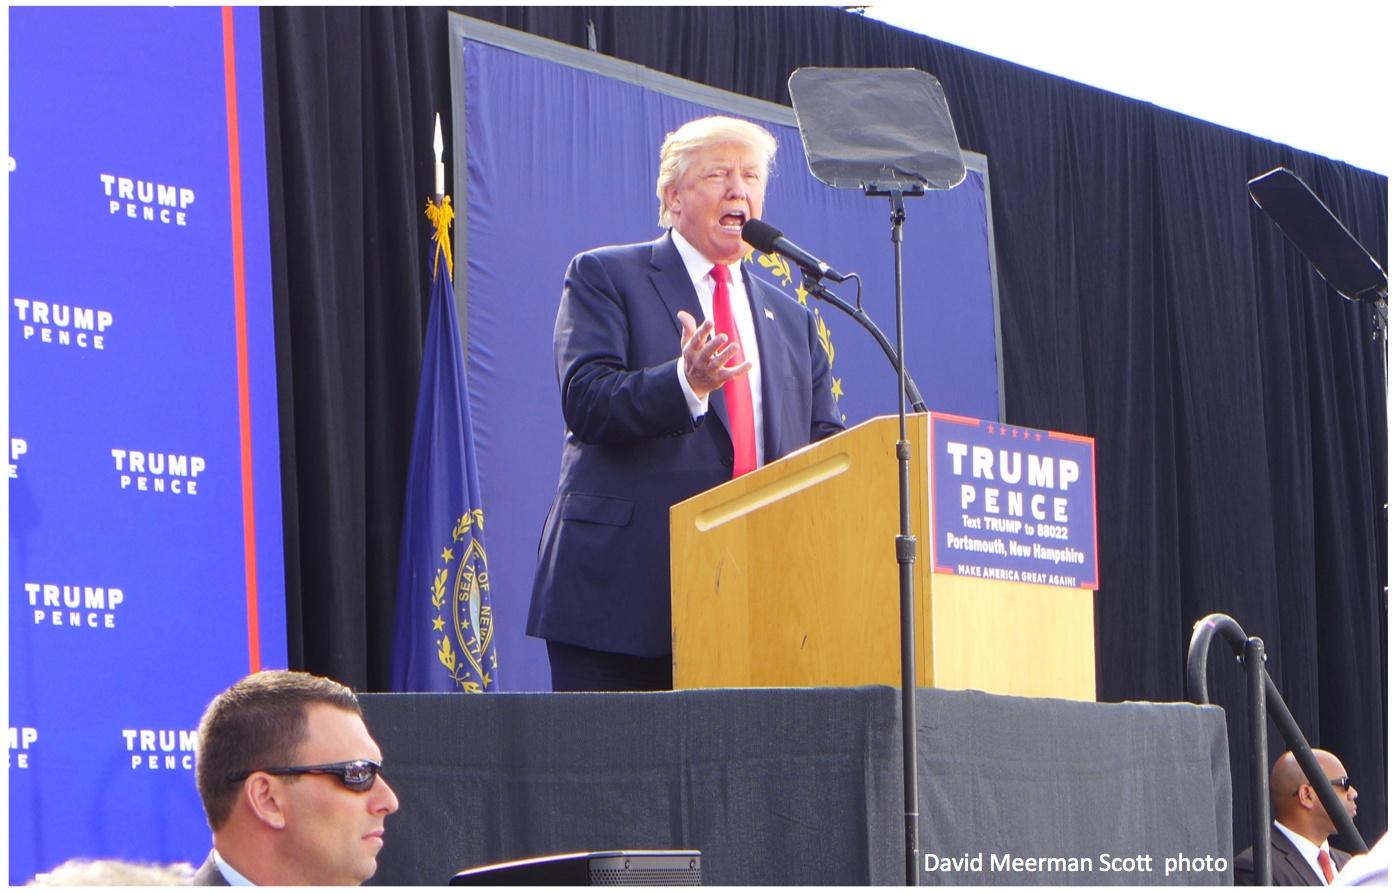 Trump_on_stage.jpg